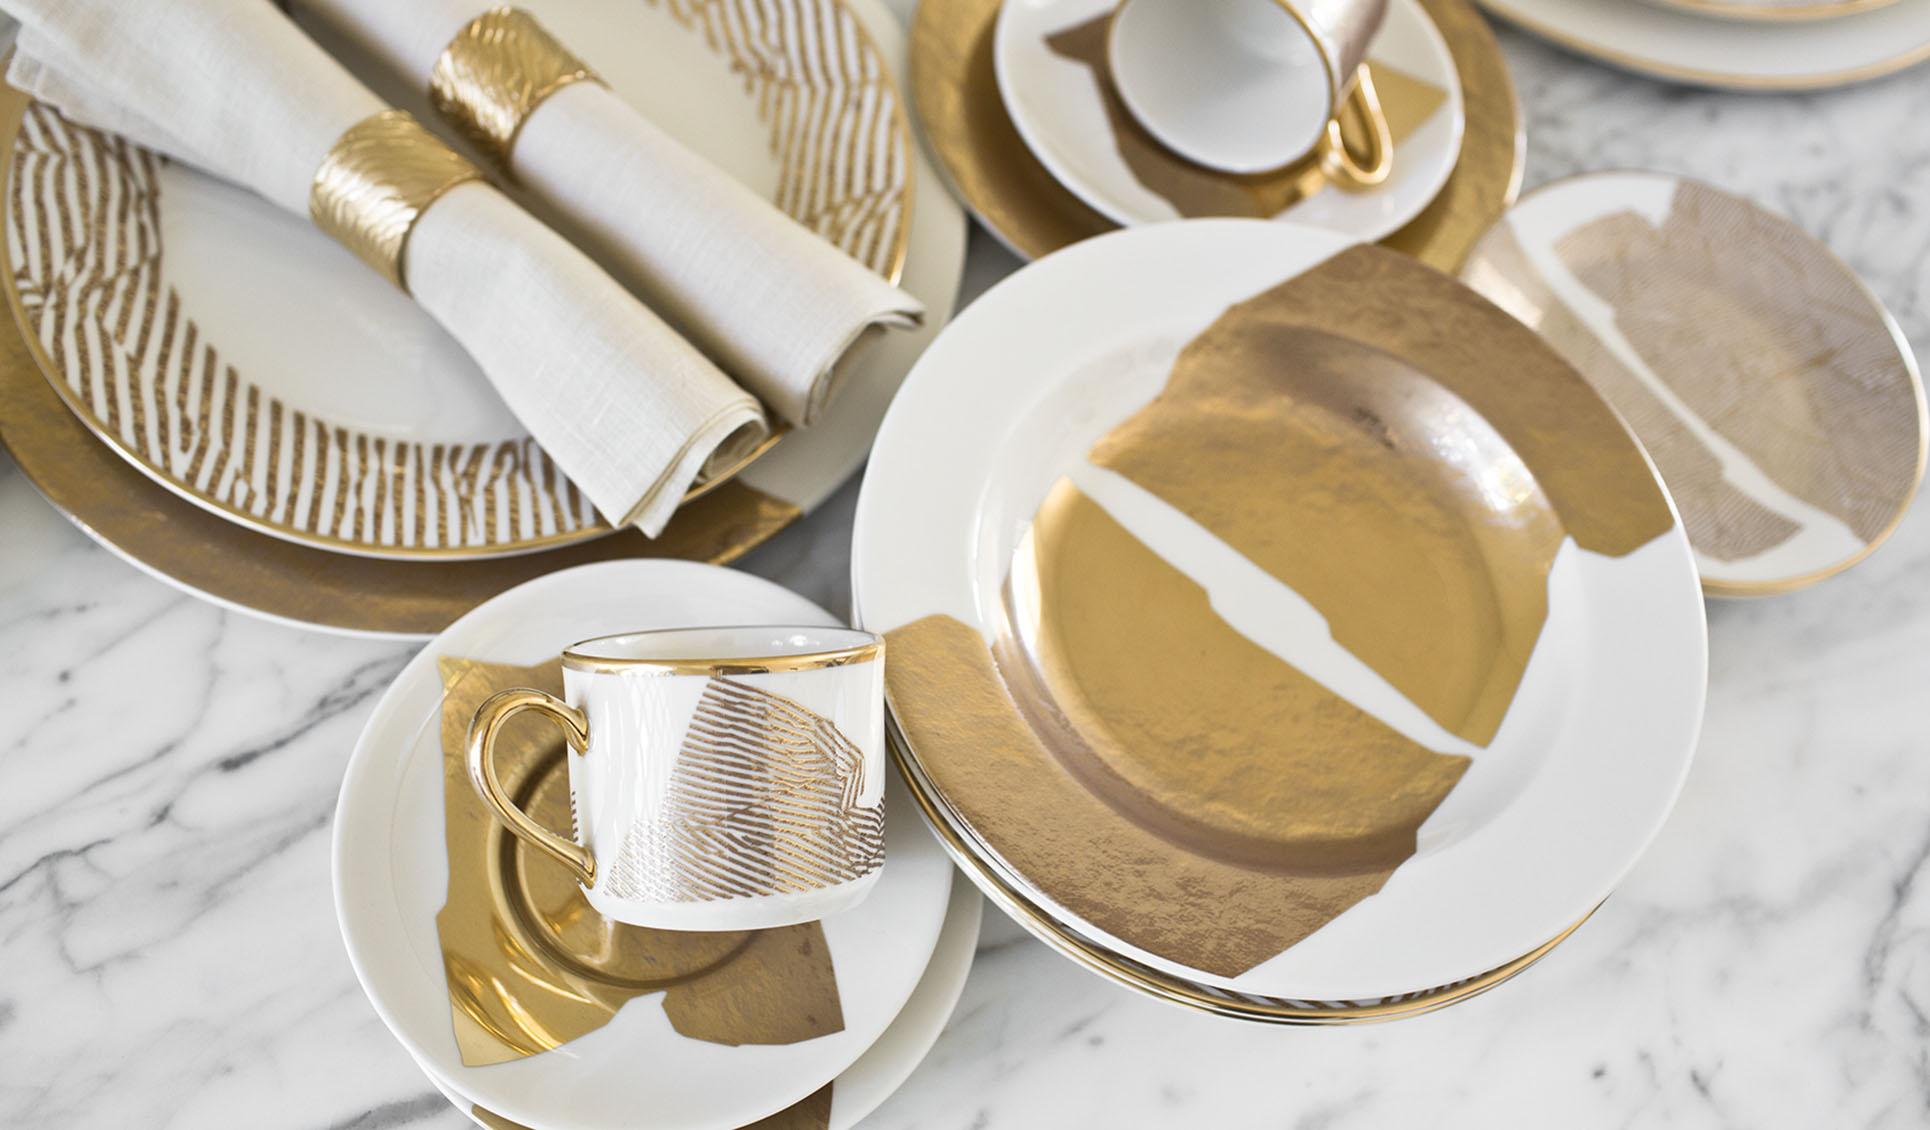 Doheny Fine Dinnerware 5 Piece Set & Doheny Fine Dinnerware 5 Piece Set | Kelly Wearstler